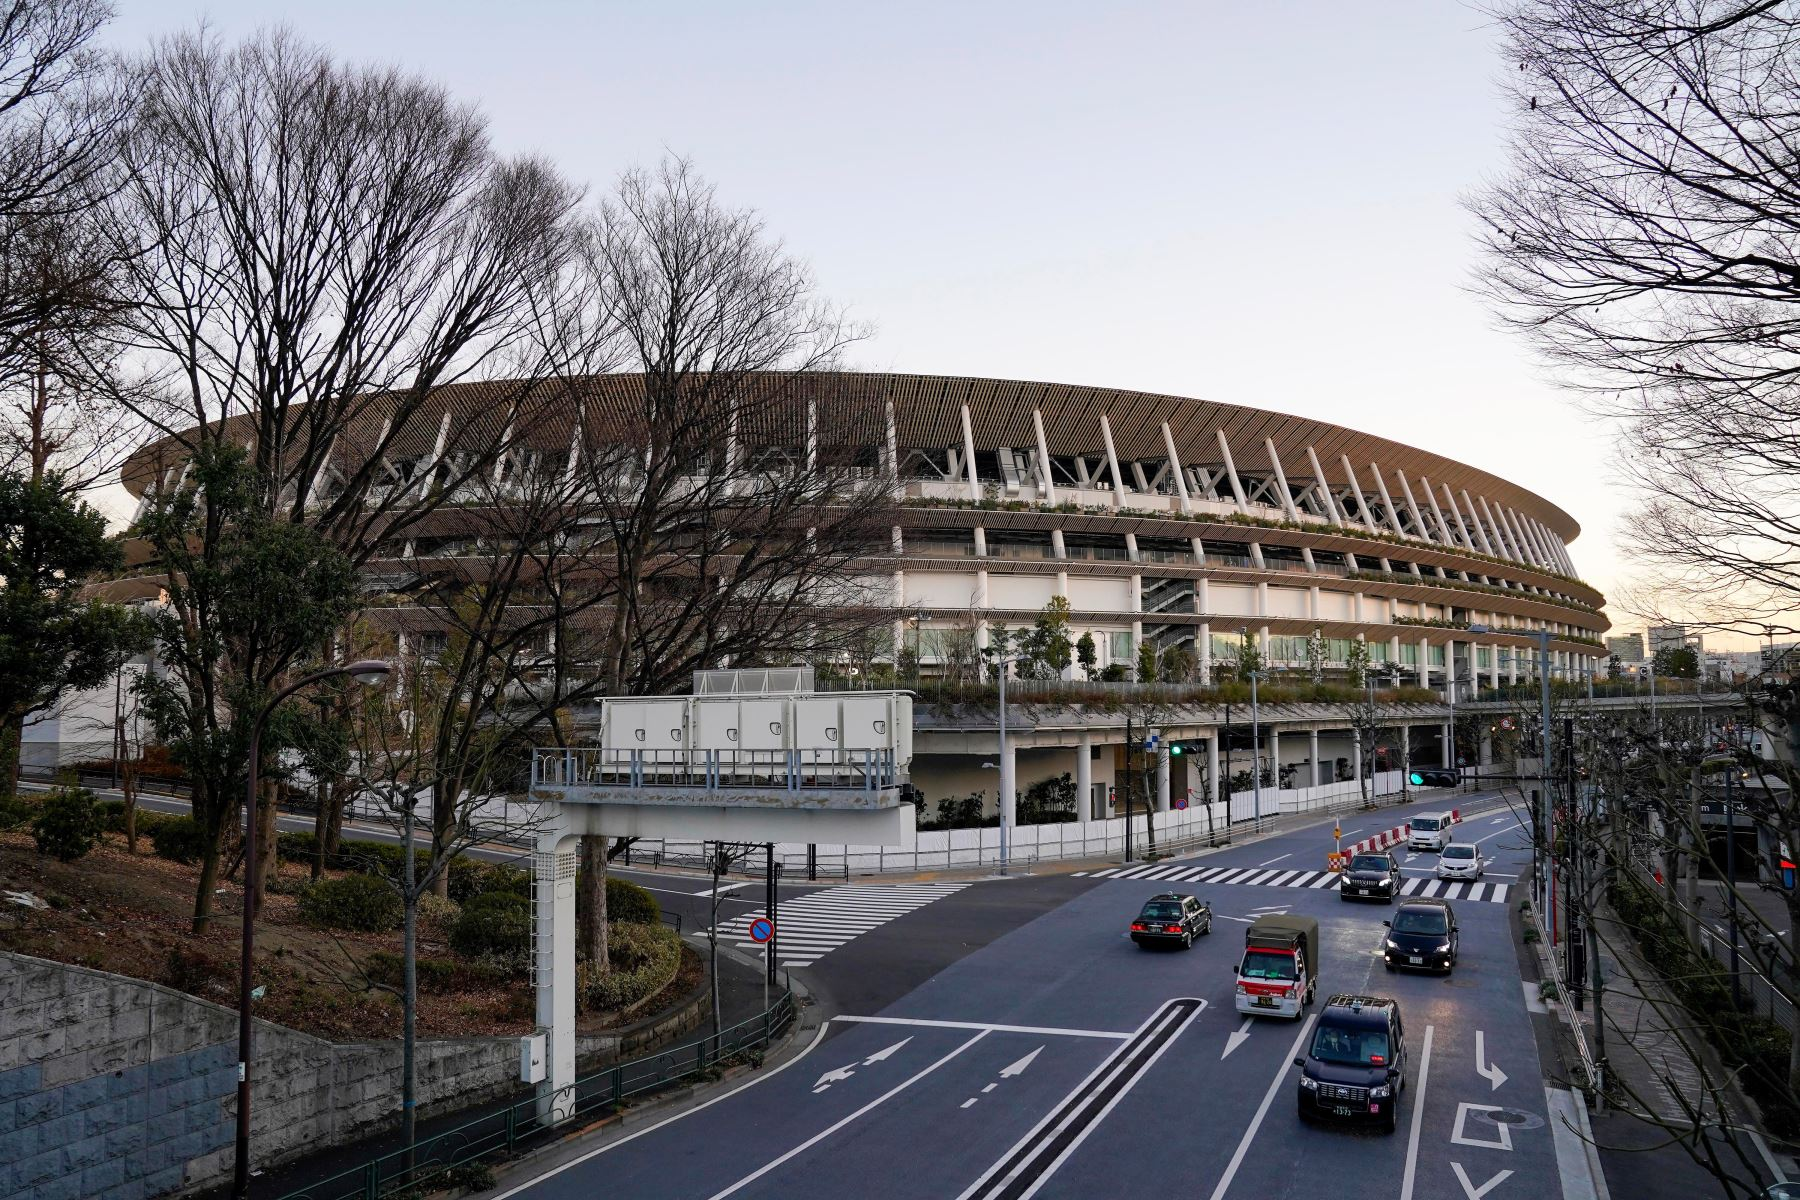 El Estadio Nacional, la sede principal de los Juegos Olímpicos y Paralímpicos de Tokio 2020, se ve en Tokio, Japón. Foto: AFP